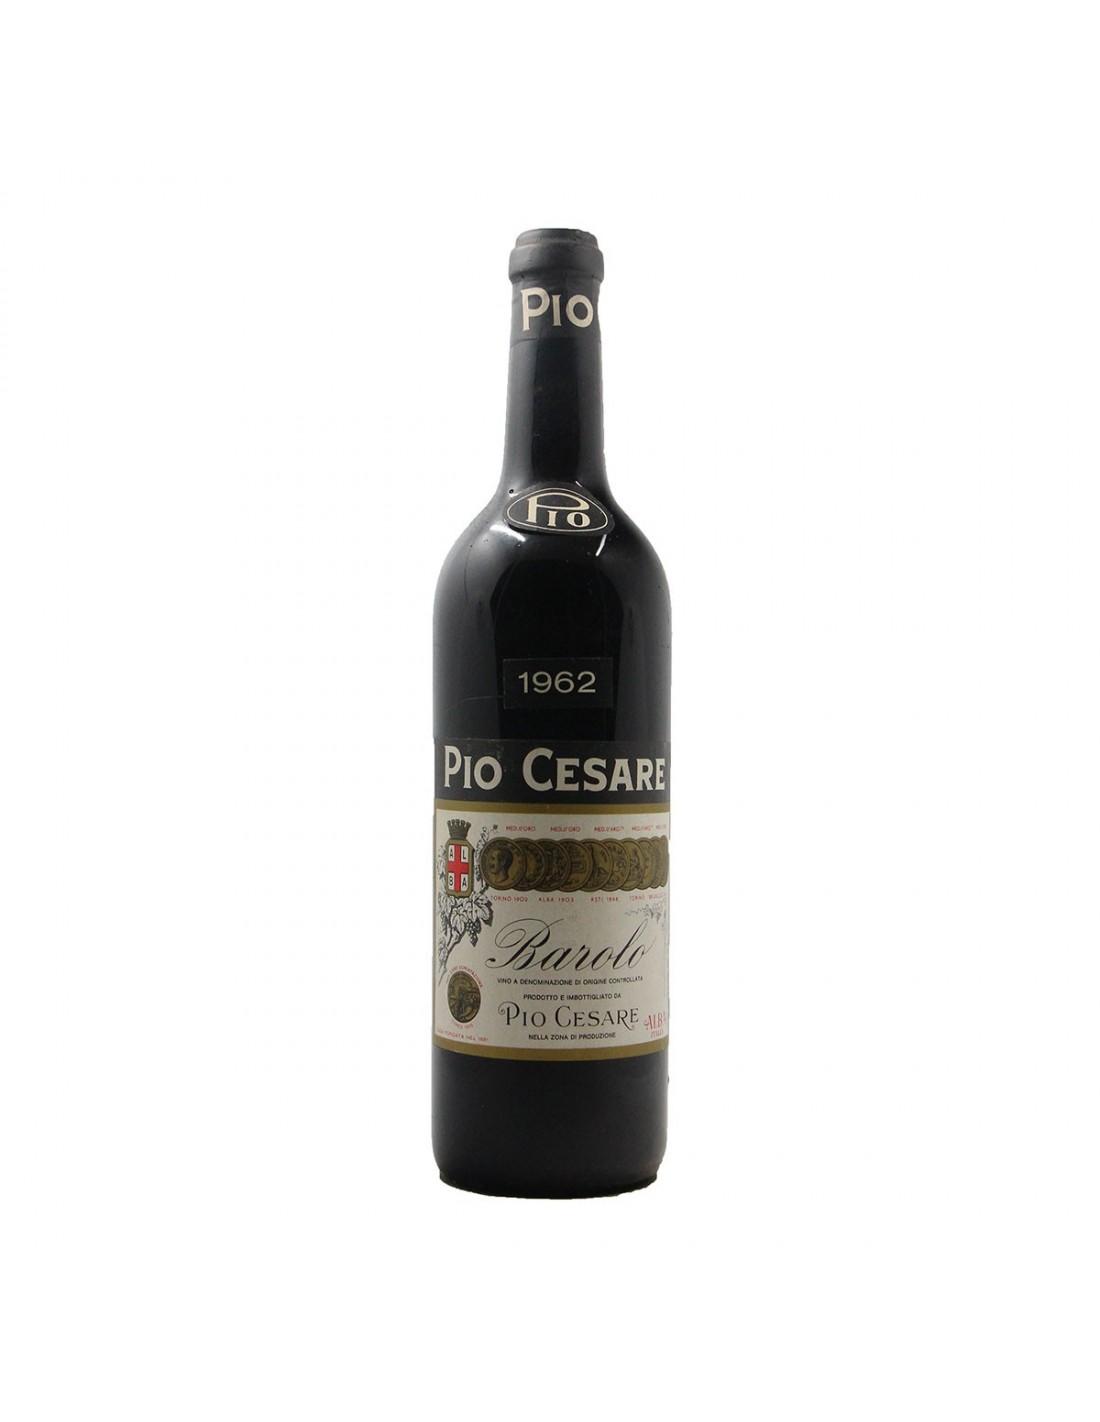 BAROLO 1962 PIO CESARE Grandi Bottiglie